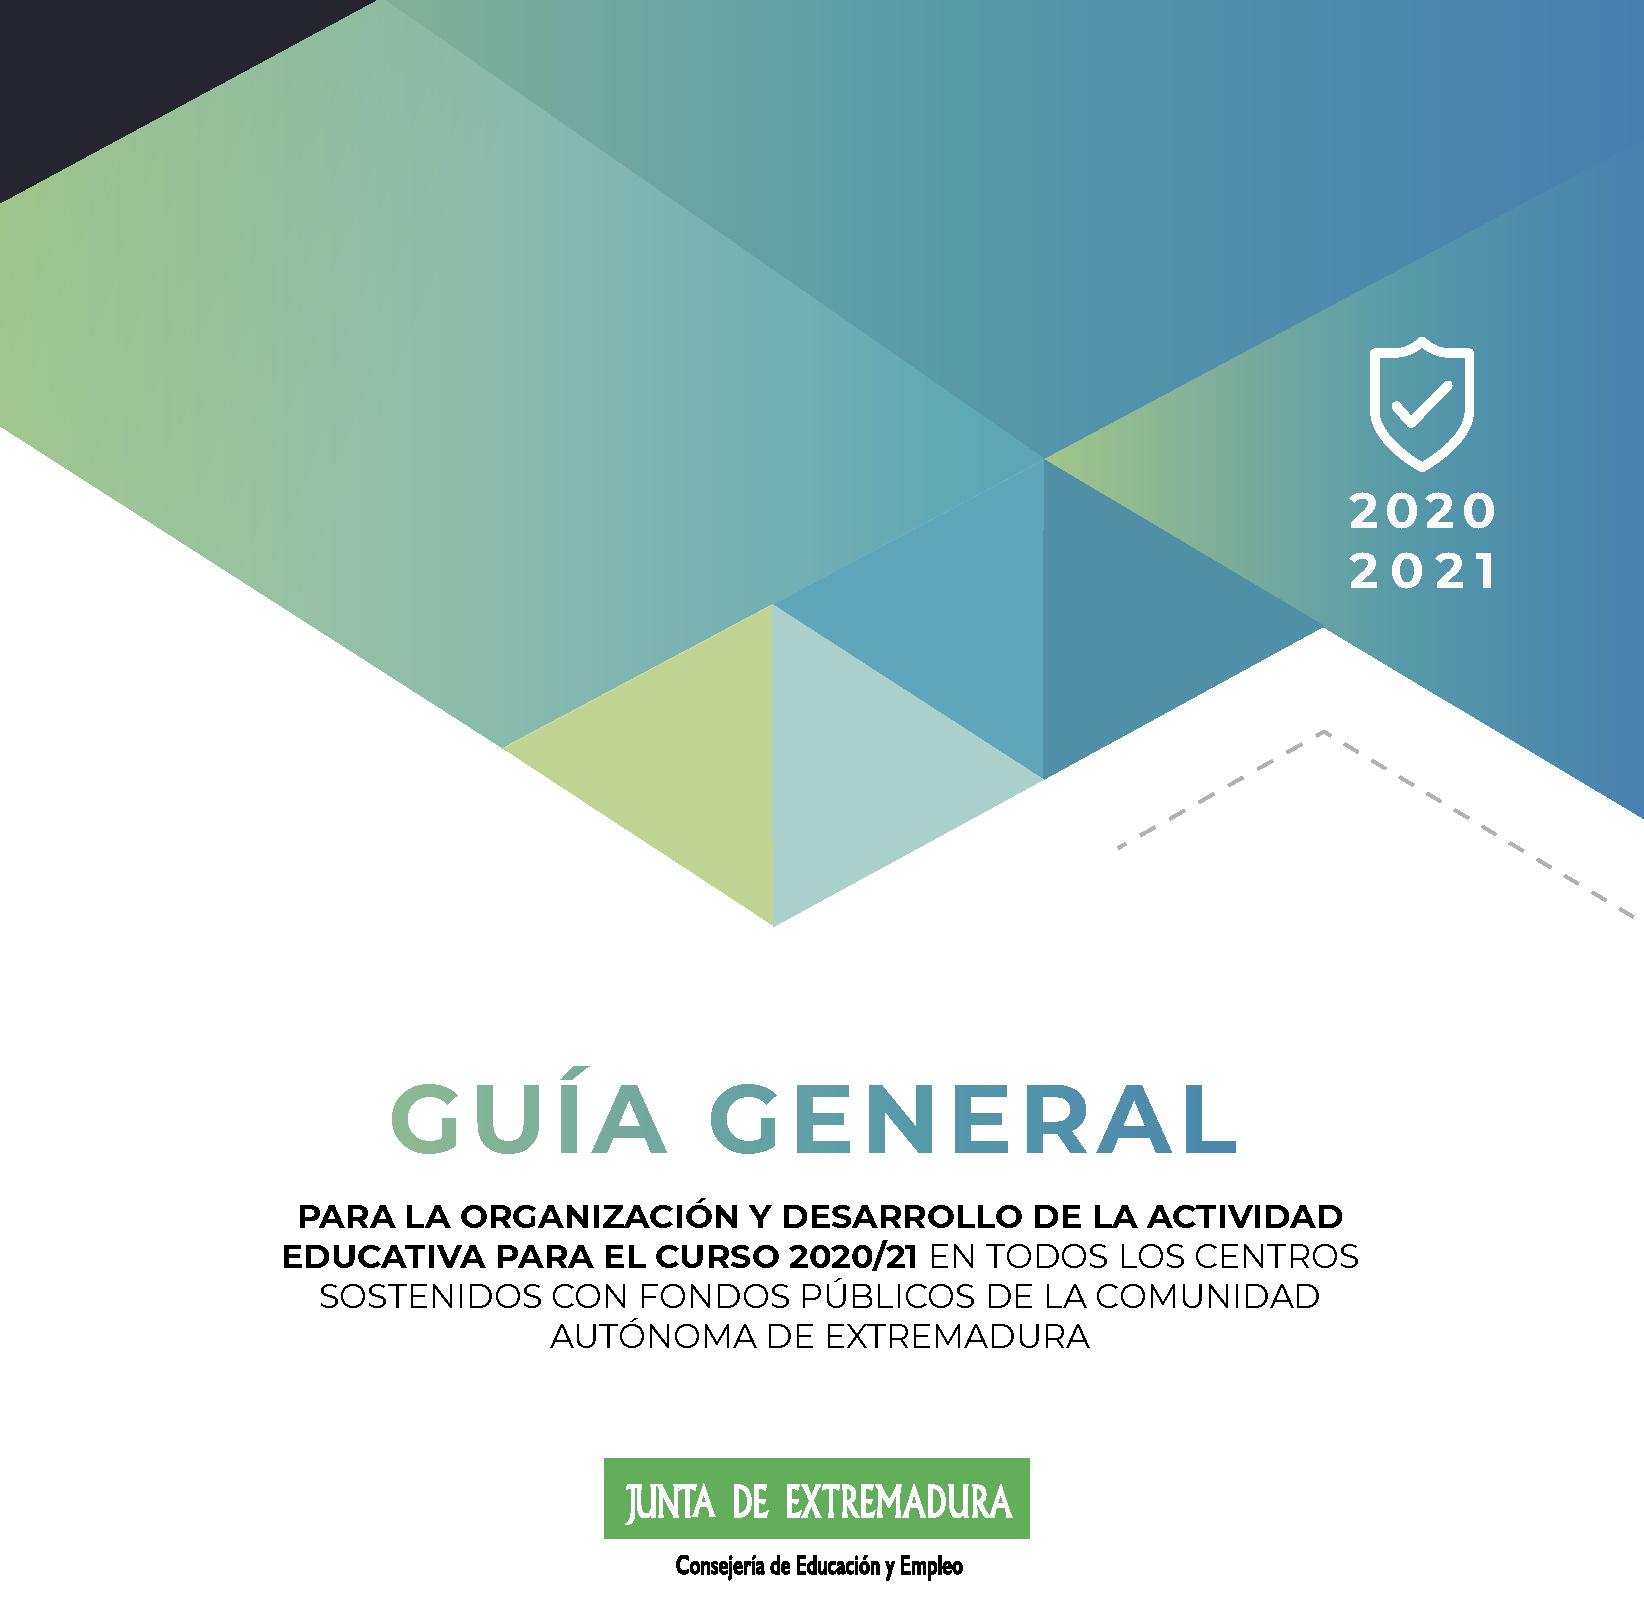 GUA GENERAL PARA LA ORGANIZACIN Y DESARROLLO DE LA ACTIVIDAD EDUCATIVA PARA EL CURSO 2020-2021_Pgina_01pngjpg